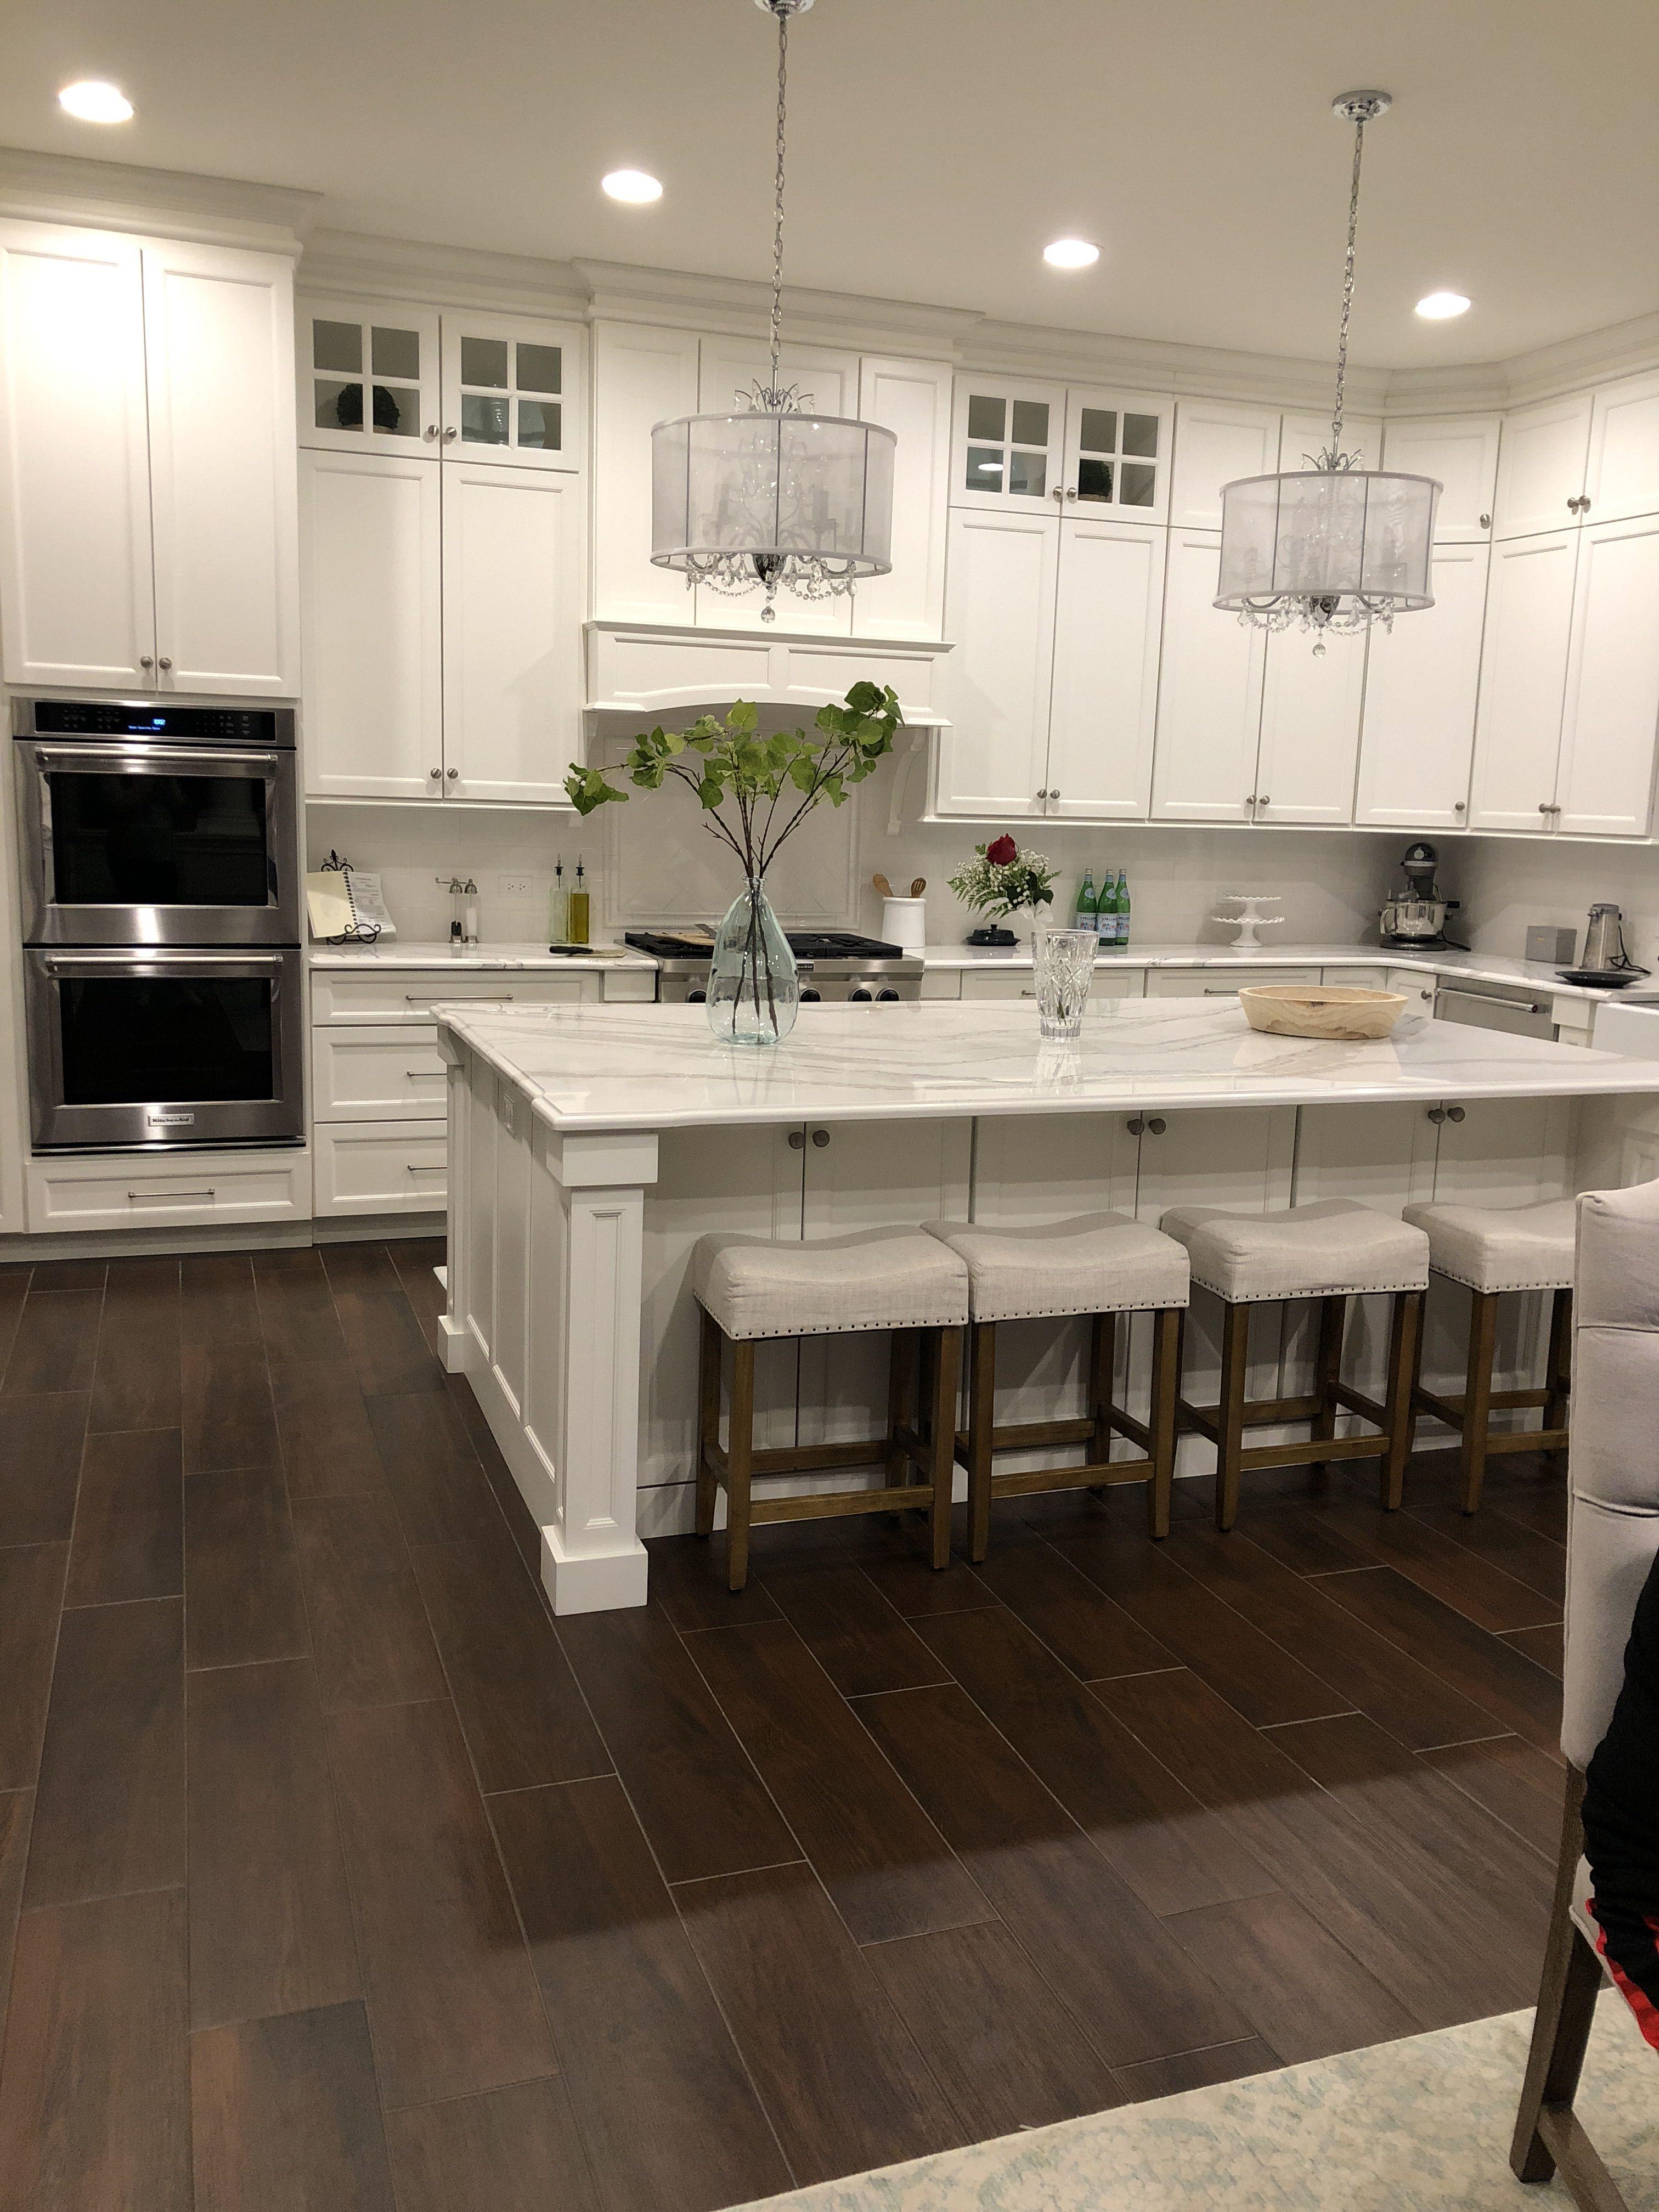 Küchenideen rustikal modern white kitchen cabinets and backsplash  küchen  pinterest  küchen